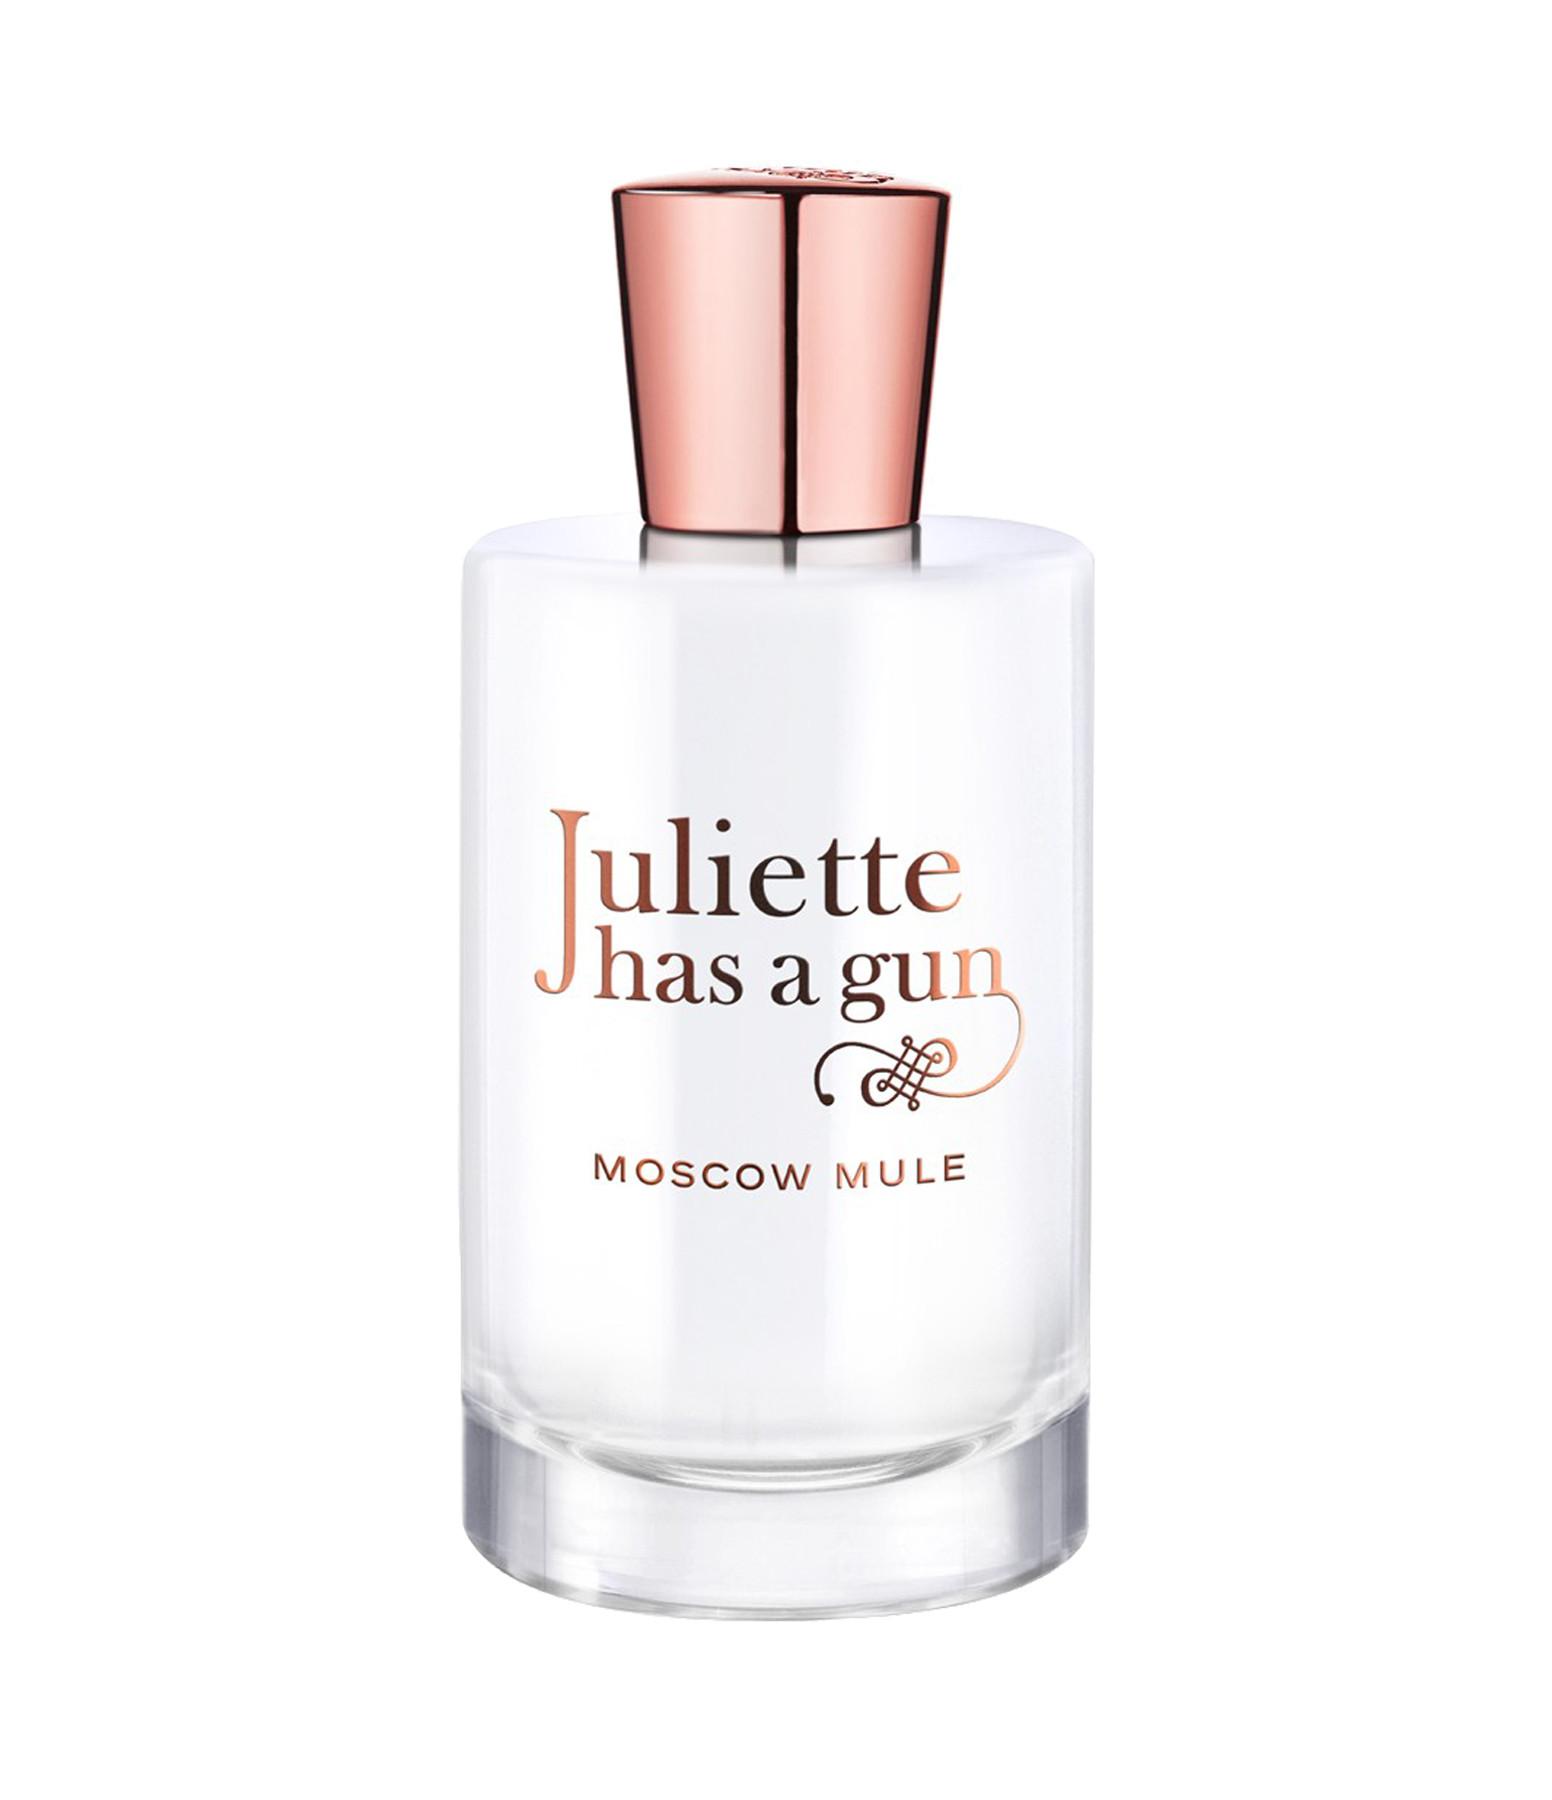 JULIETTE HAS A GUN - Eau de parfum Moscow Mule 100 ml